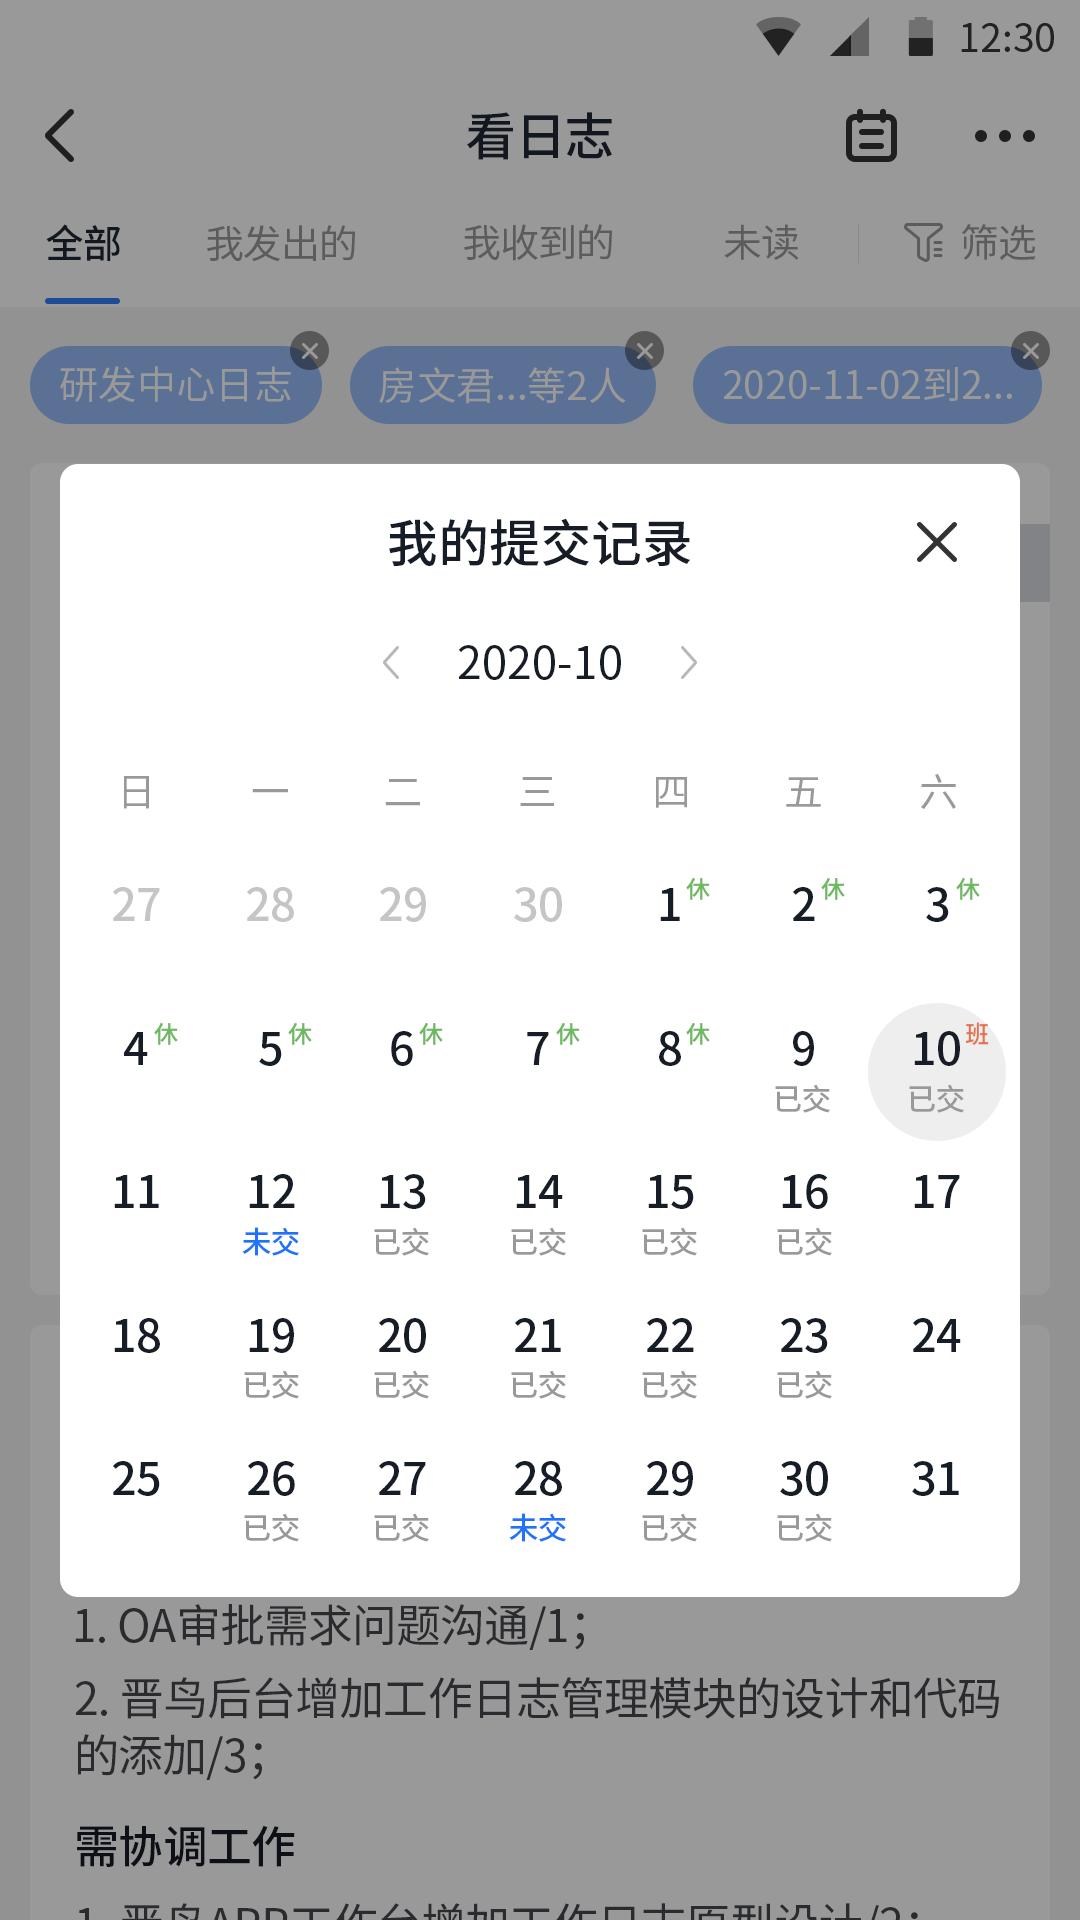 【解锁新功能】晋鸟办公体验新升级!